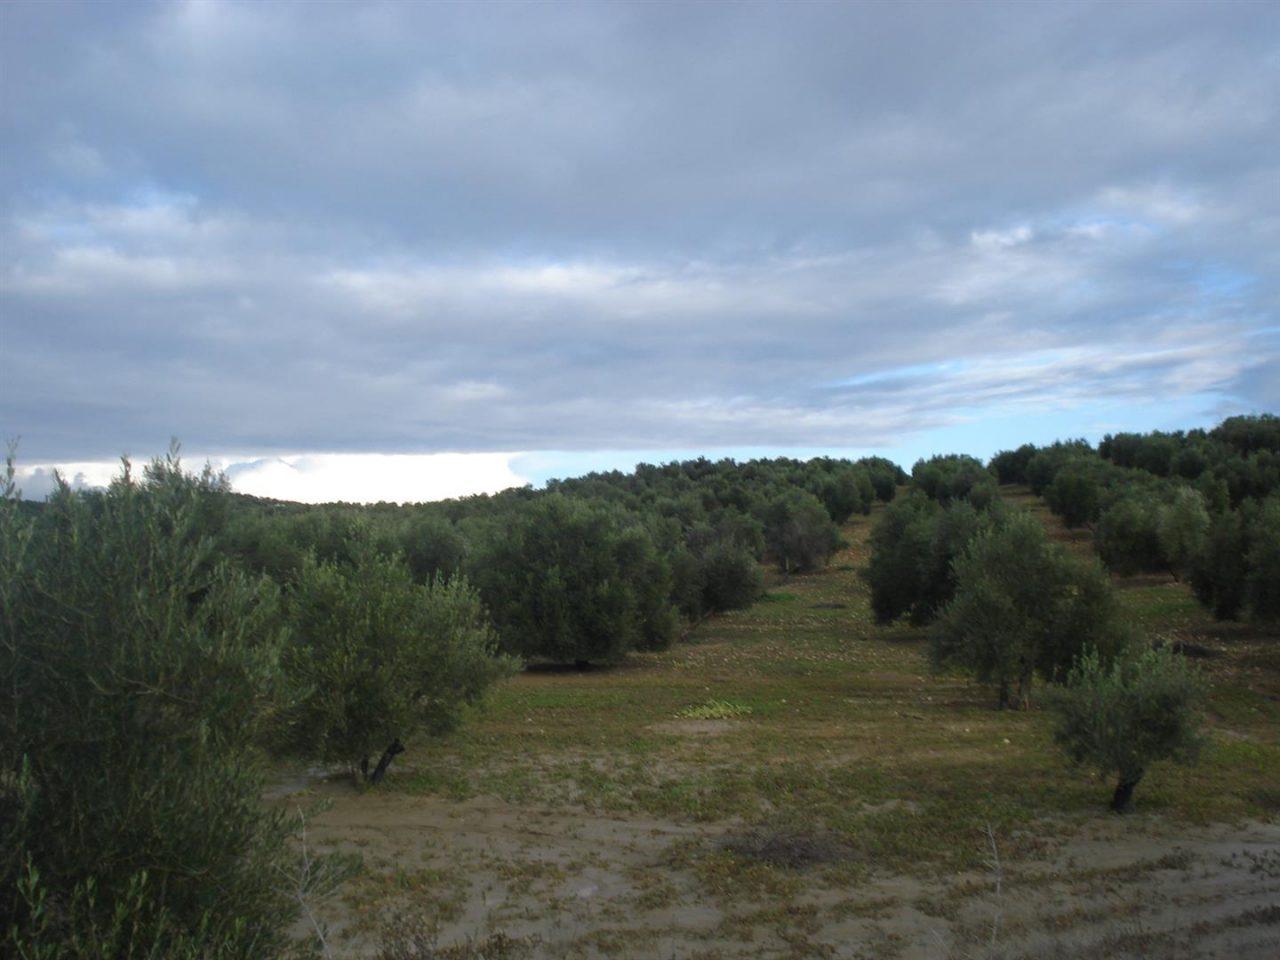 Reyes acusa al PP de haber actuado con «premeditación y alevosía» en la pérdida de las ayudas de la PAC para Andalucía y el olivar de Jaén